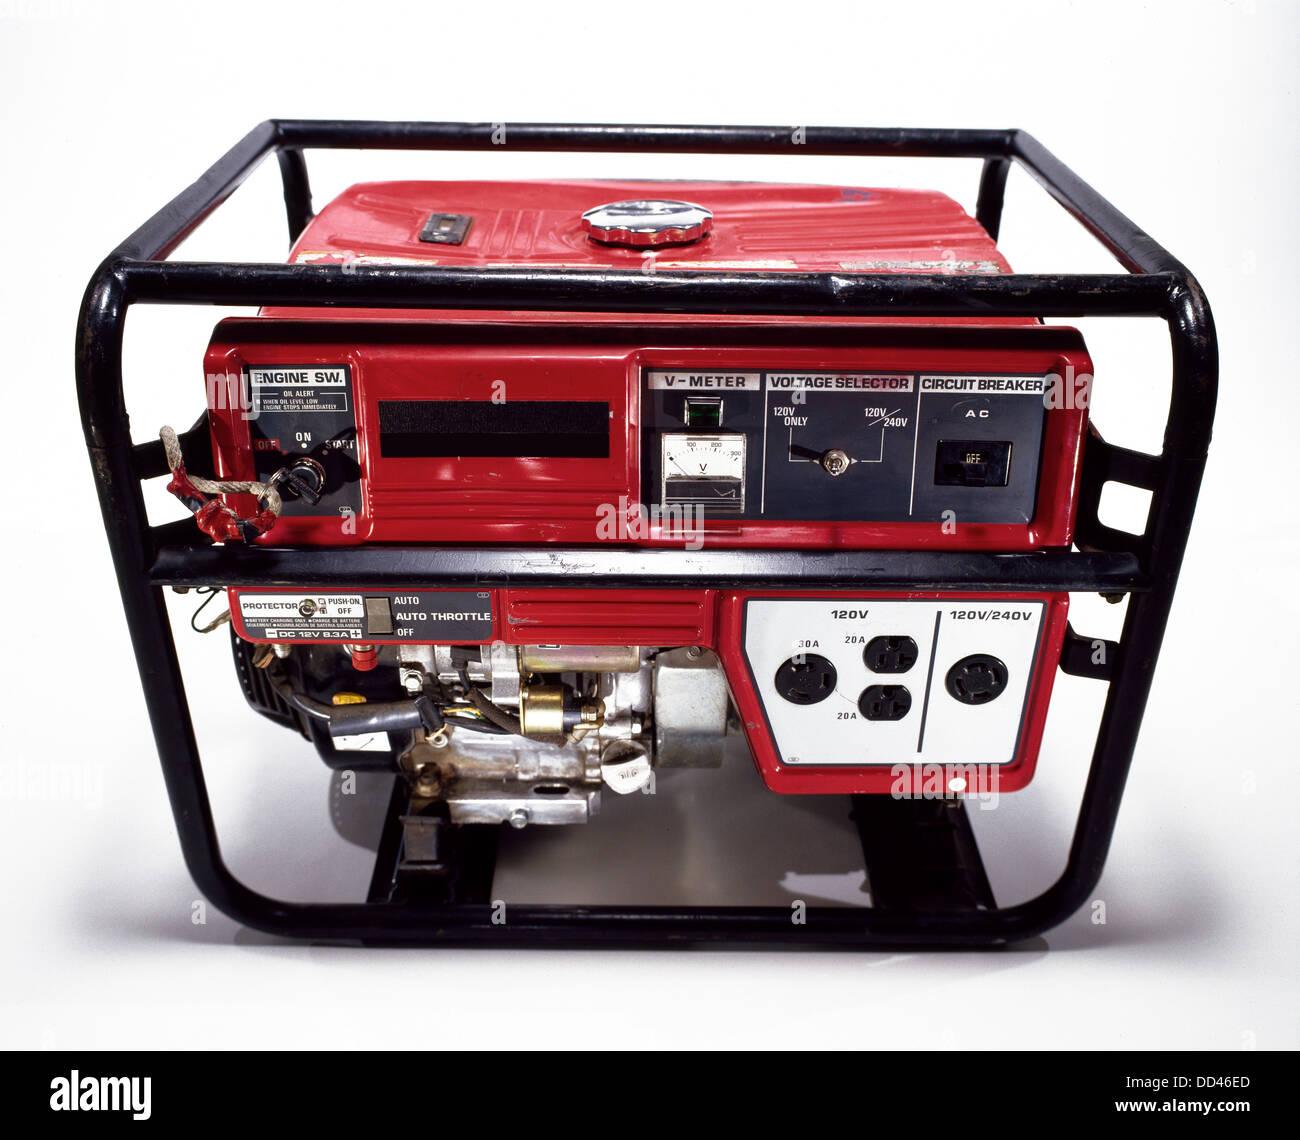 Eine rote tragbaren gasbetriebenen elektrischen Generator auf einem weißen Hintergrund. Stockbild